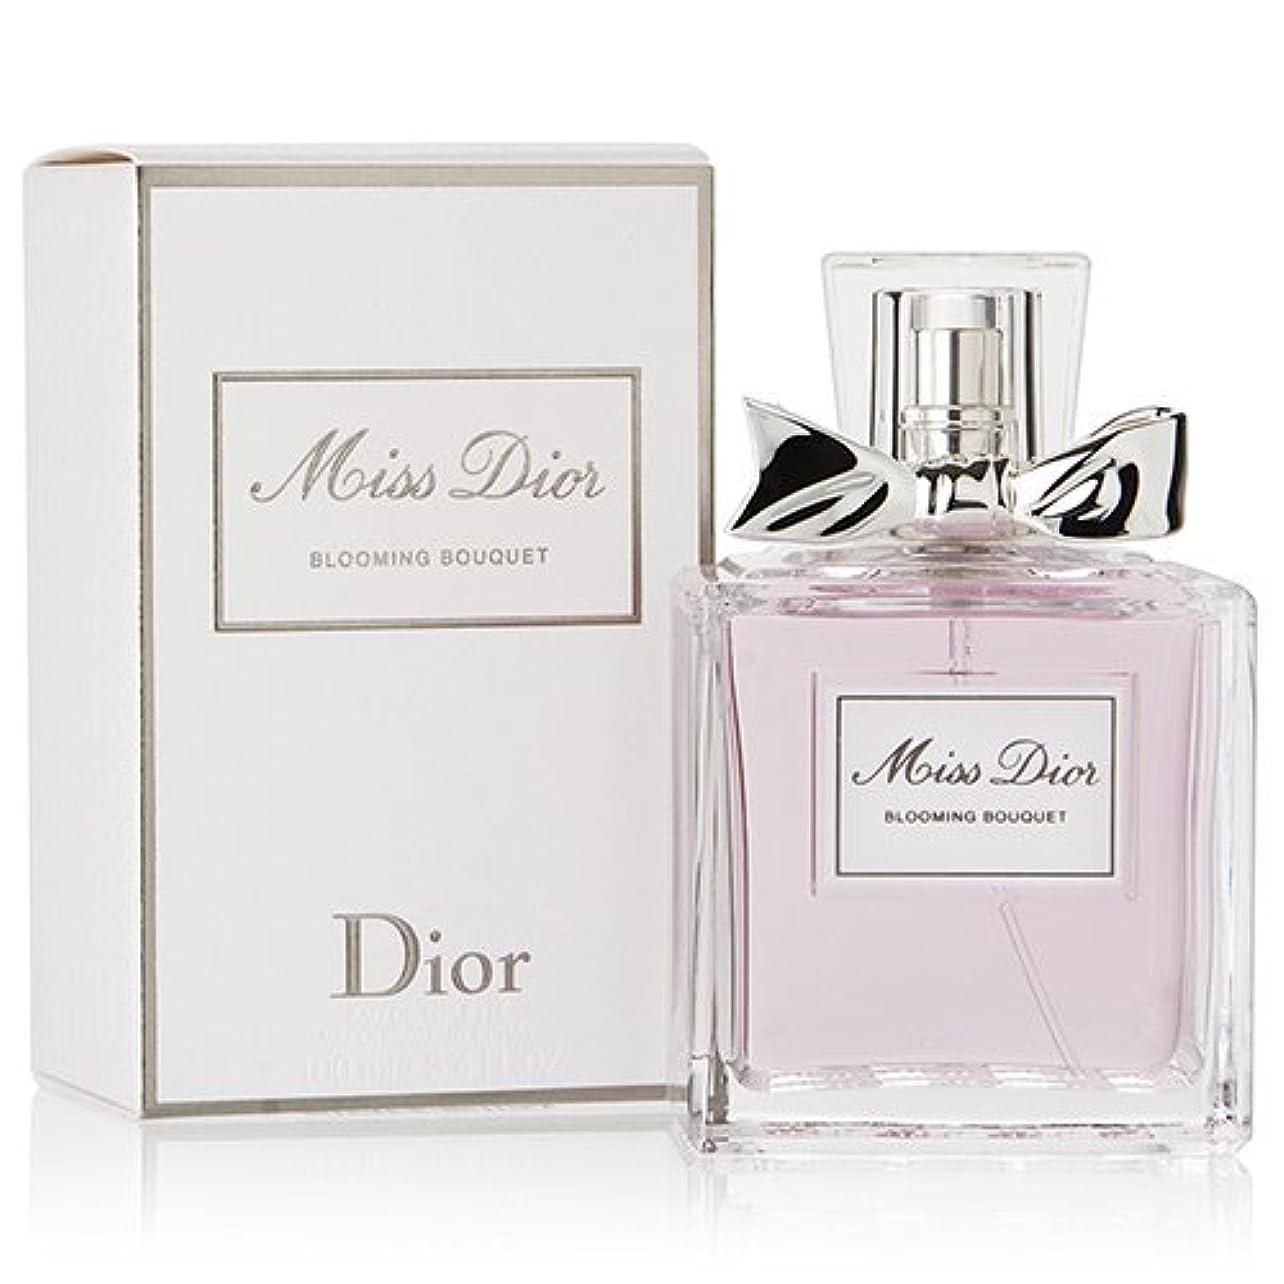 流産四回スクラップブッククリスチャン ディオール(Christian Dior) ミスディオール ブルーミングブーケ EDT SP 100ml[並行輸入品]